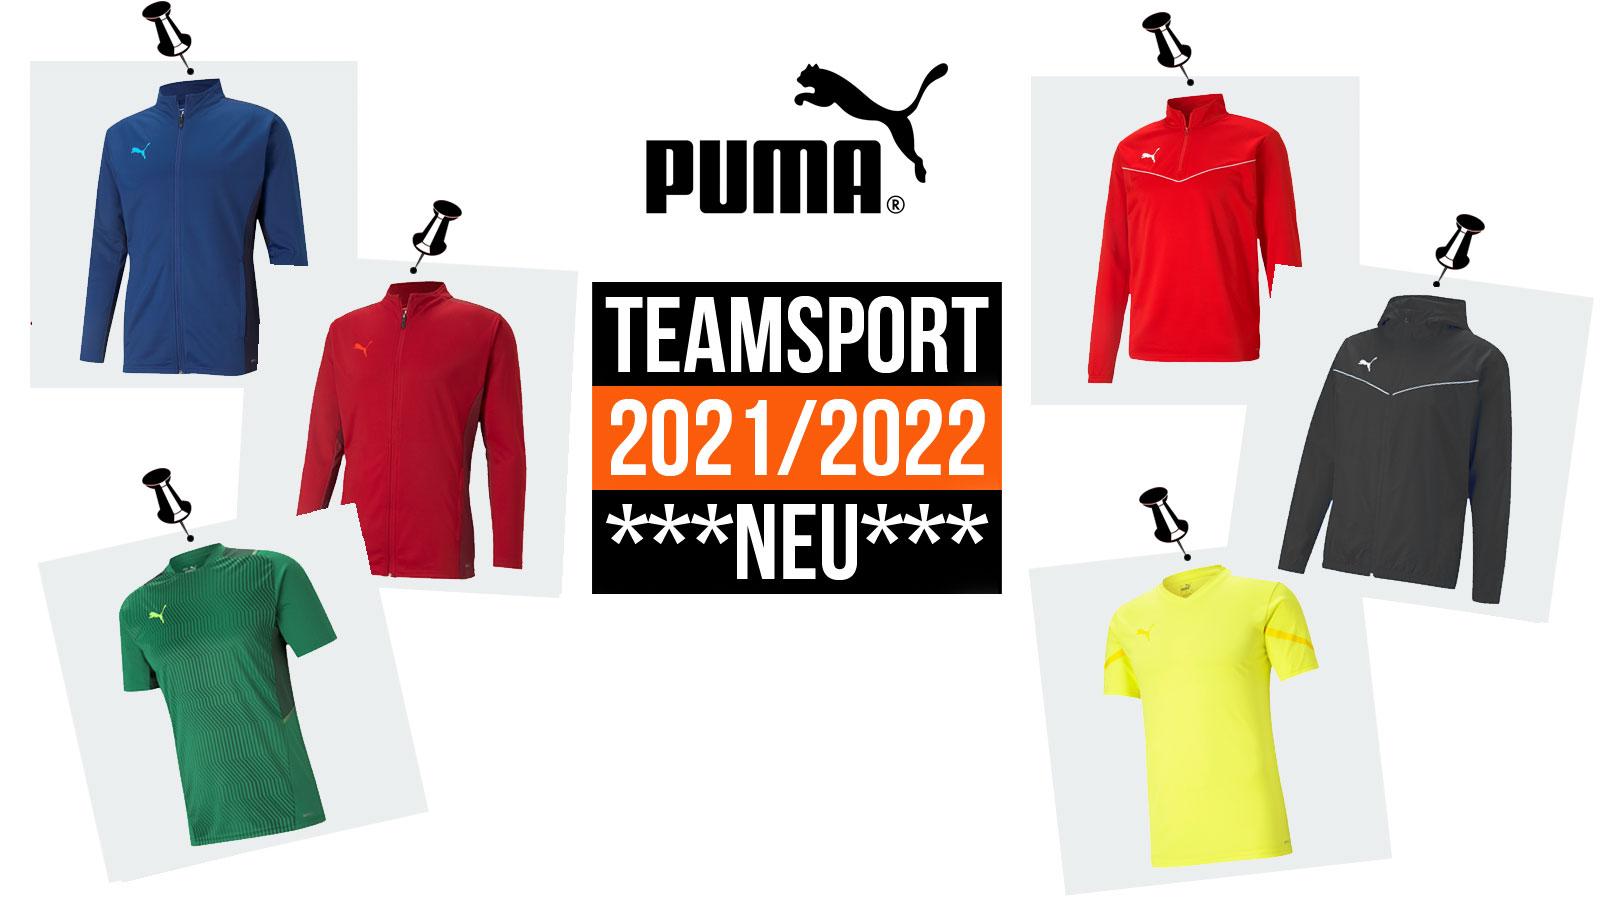 Puma Teamsport 2021/2022 mit teamrise und teamcup